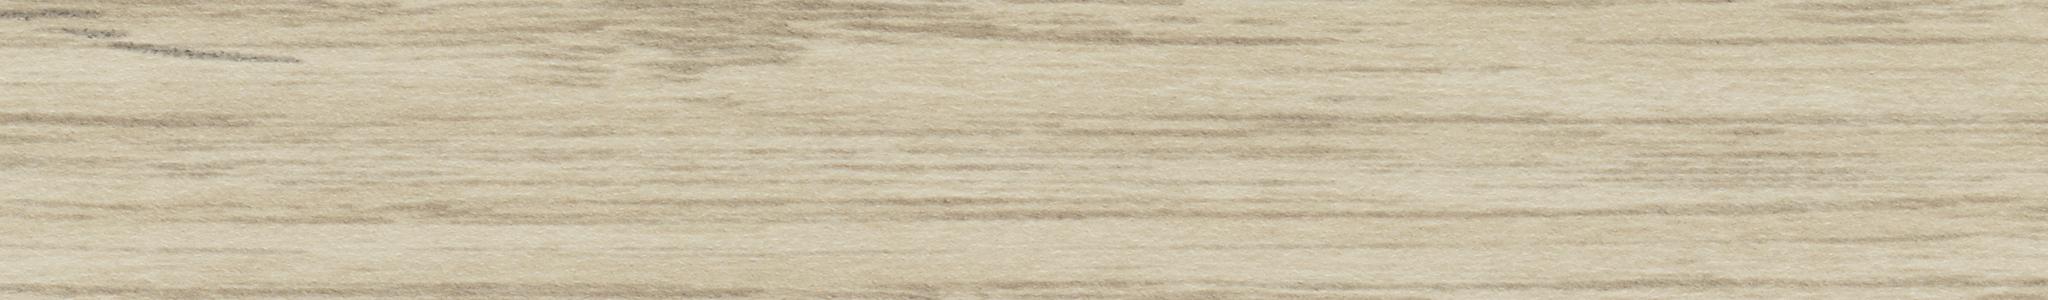 HD 290411 кромка ABS Альбатрос жемчуг